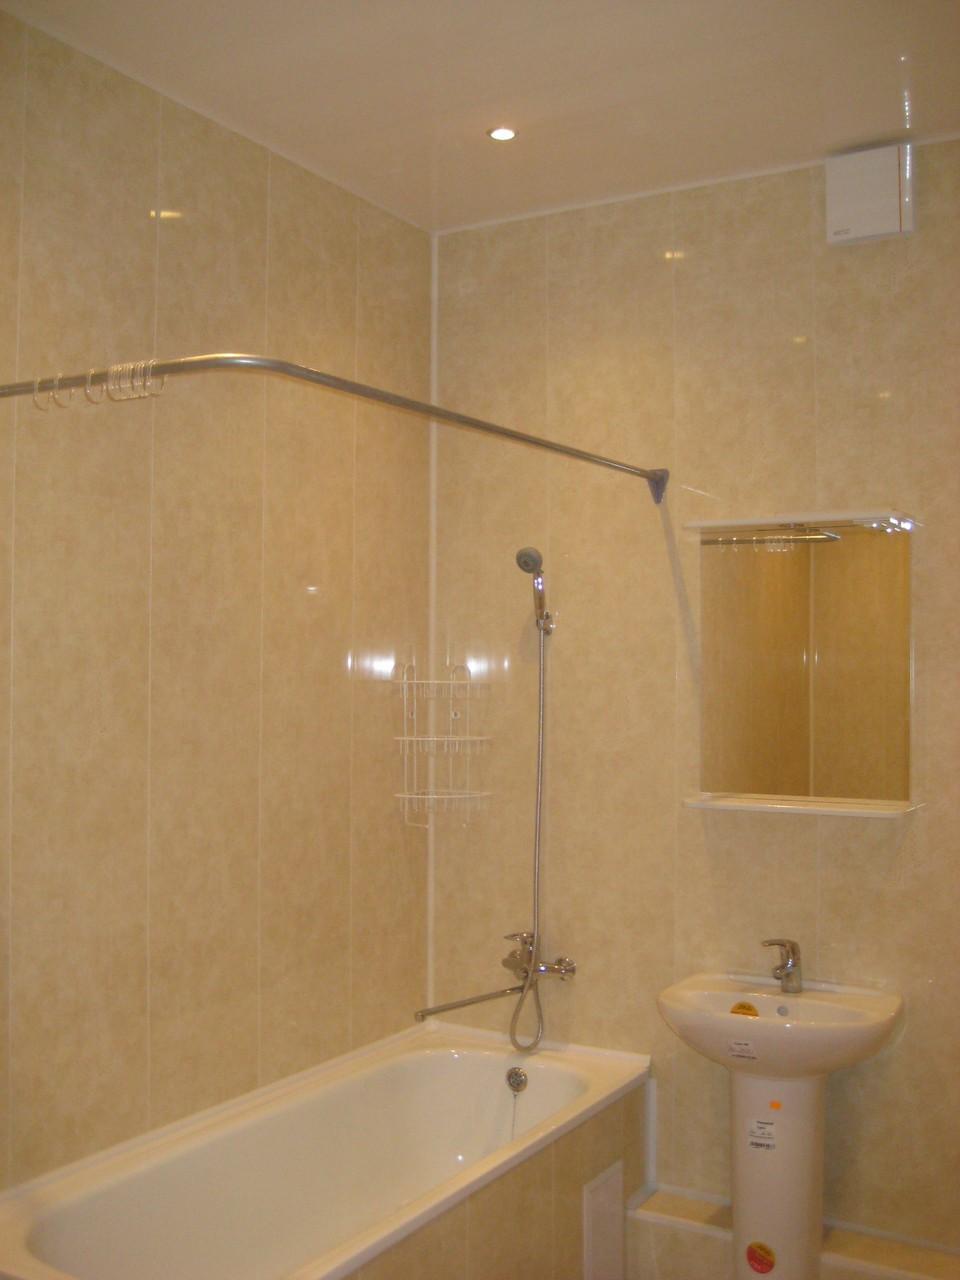 Штанга установлена в ванной, обшитой пластиковыми панелями